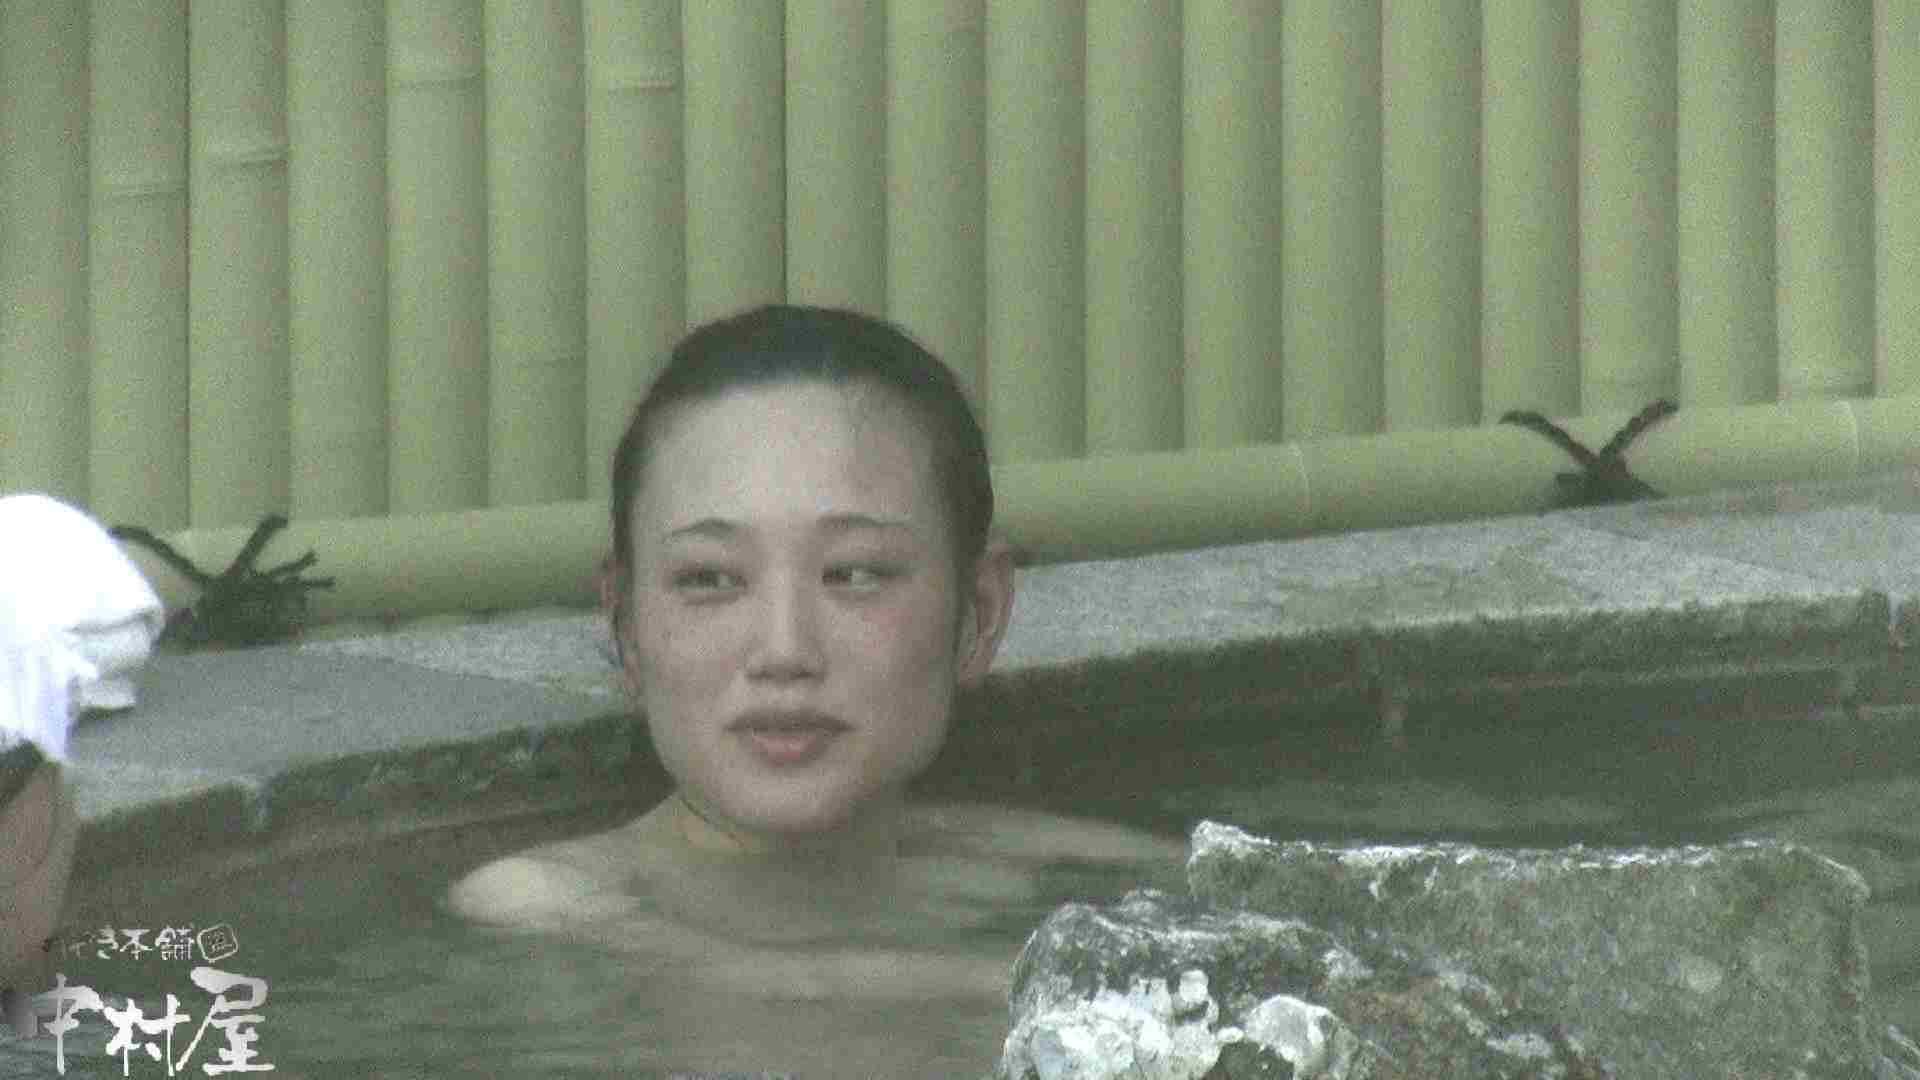 Aquaな露天風呂Vol.914 露天 | 盗撮  98pic 77